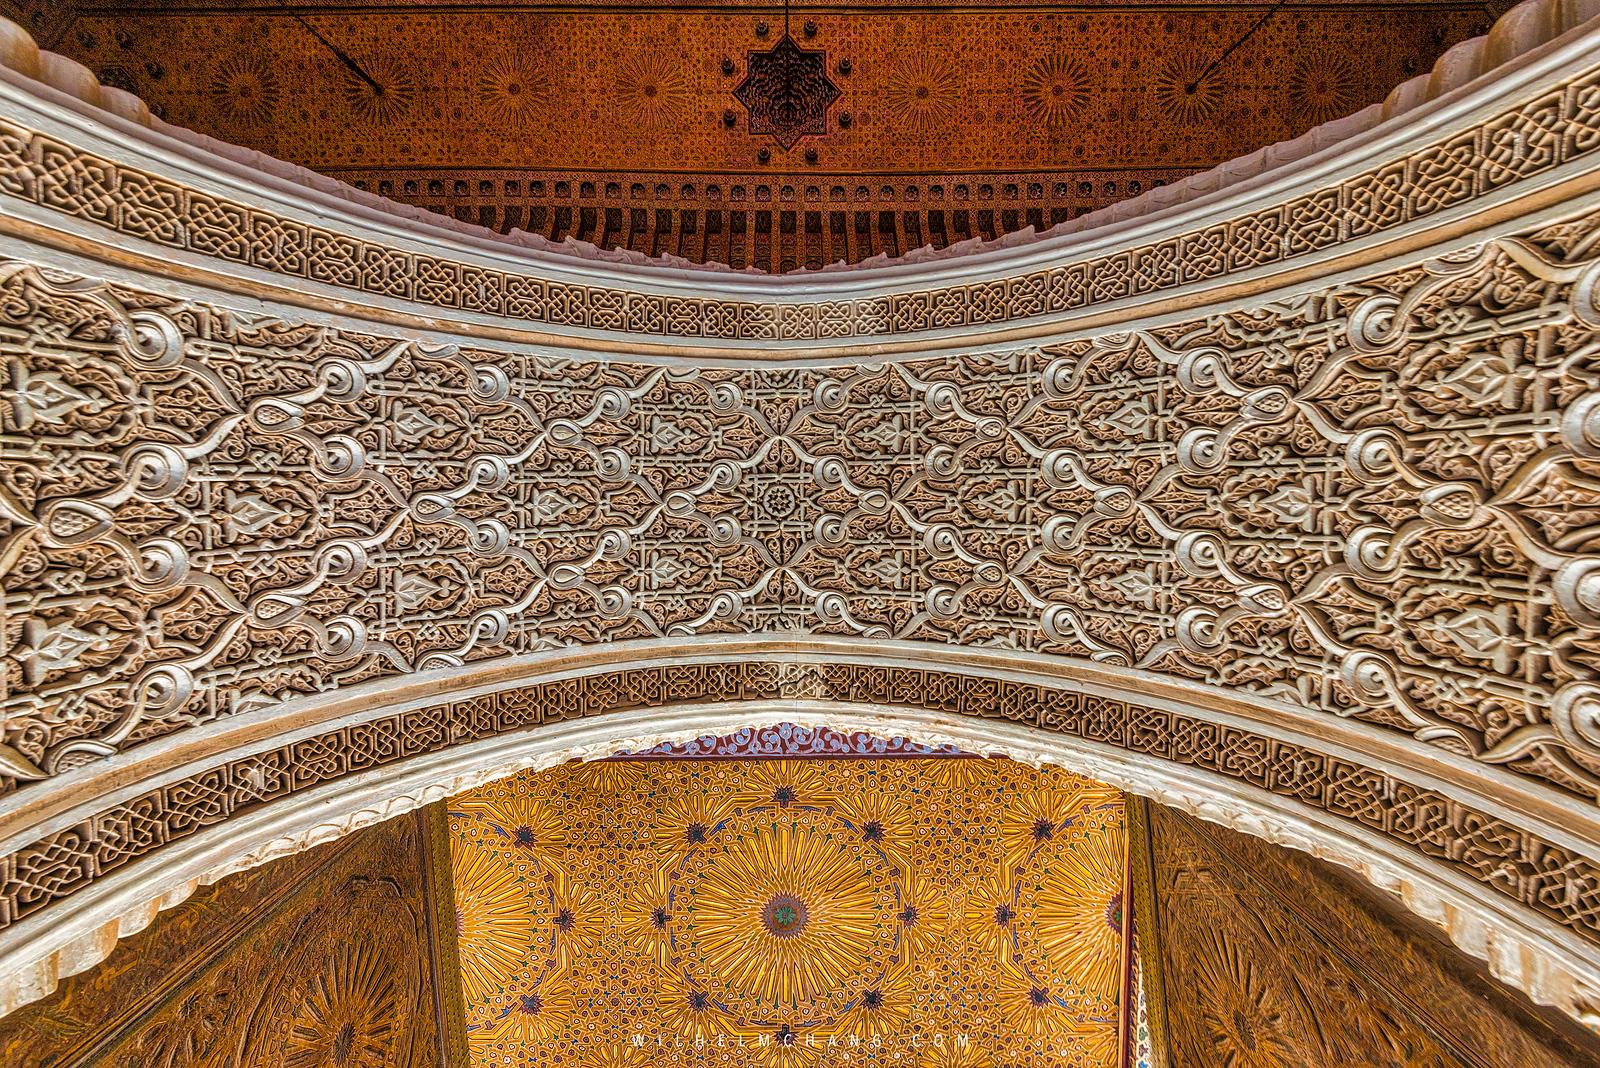 北非調色盤摩洛哥 乘載伊斯蘭與撒哈拉的美麗國度 by Wilhelm Chang 張威廉